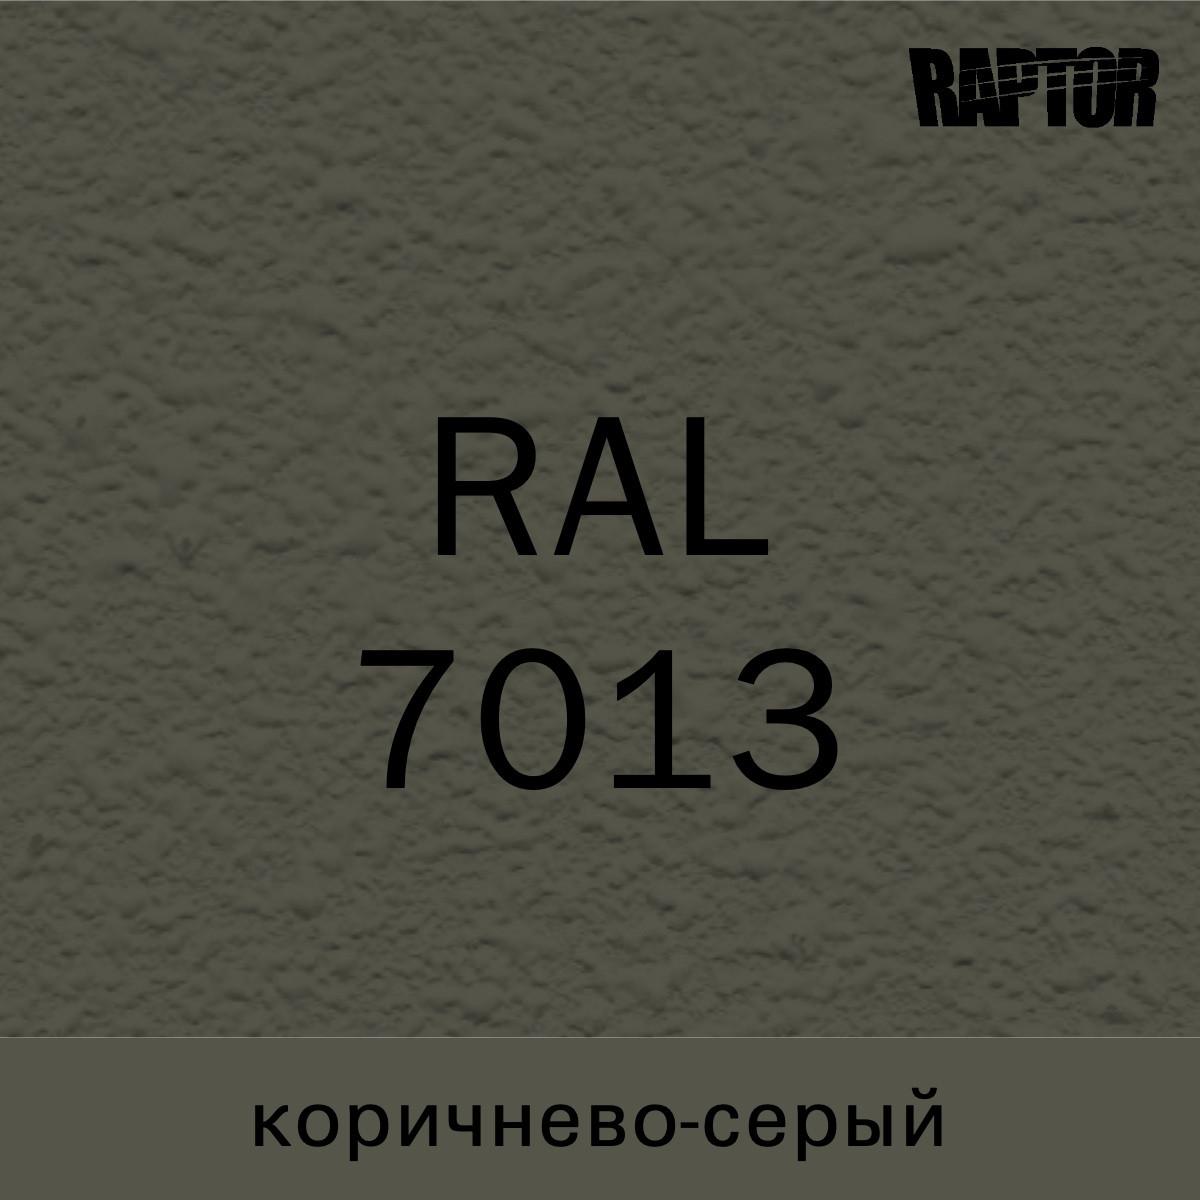 Пигмент для колеровки покрытия RAPTOR™ Коричнево-серый (RAL 7013)